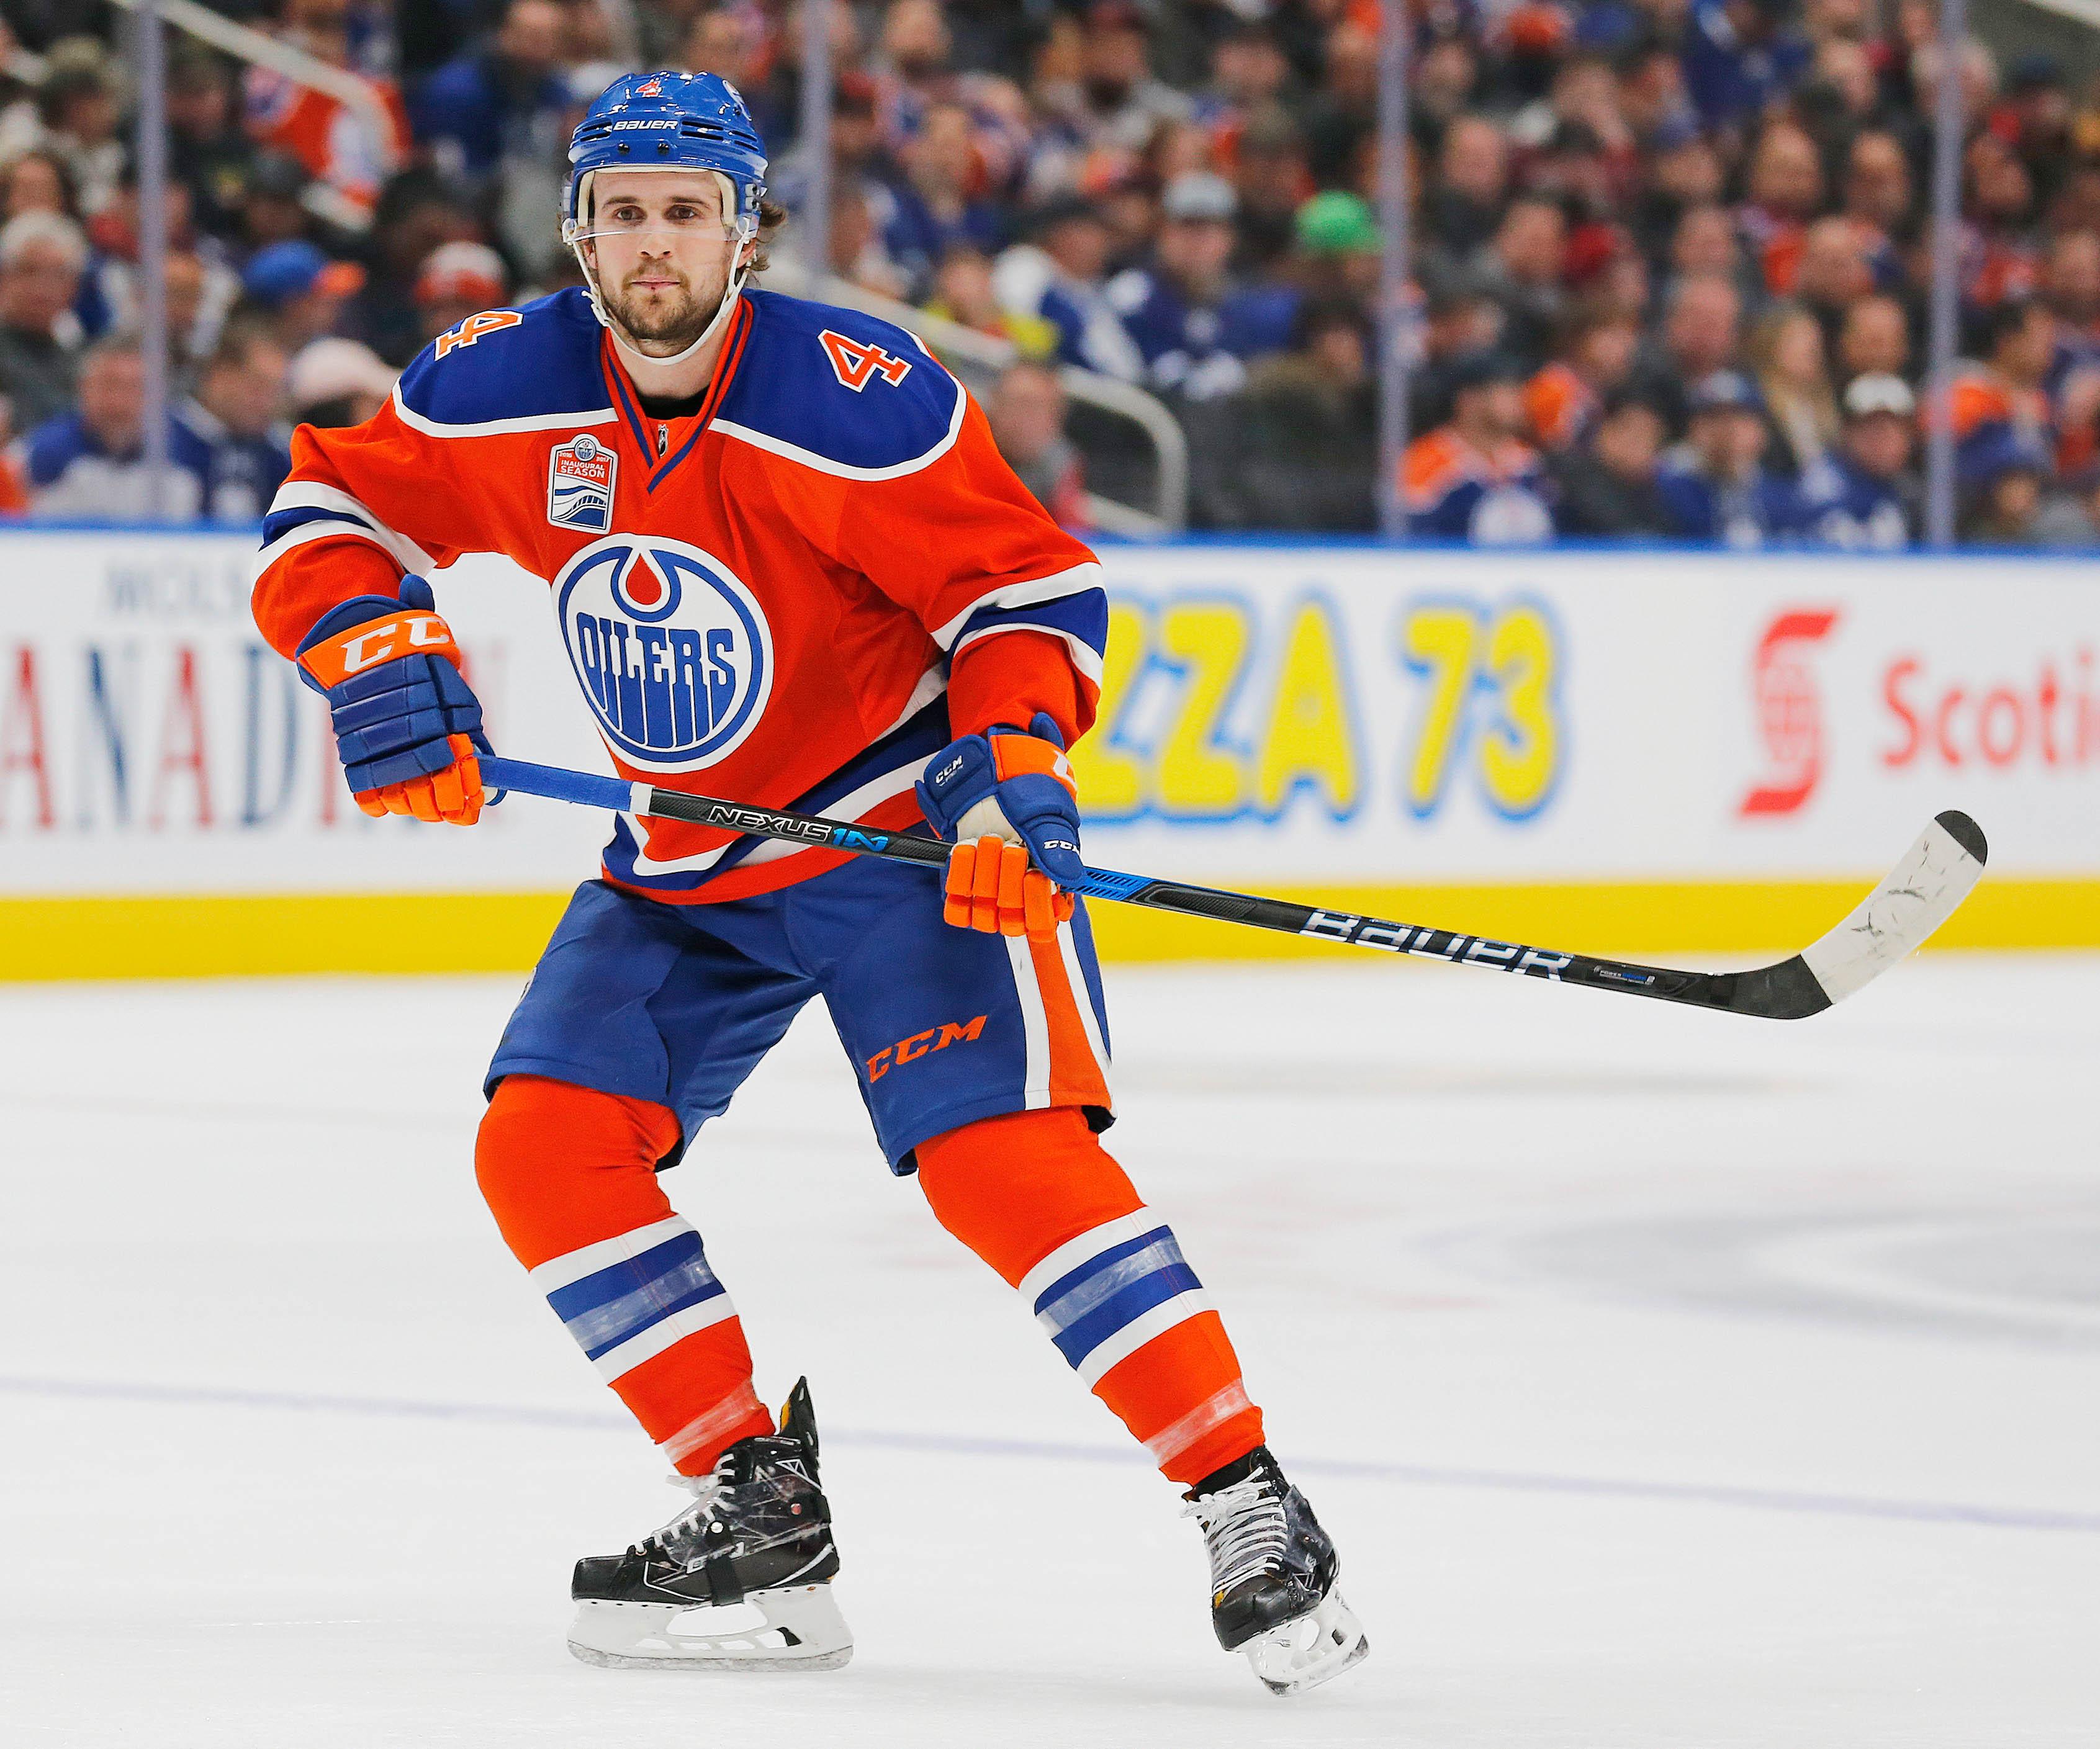 NHL: Toronto Maple Leafs at Edmonton Oilers